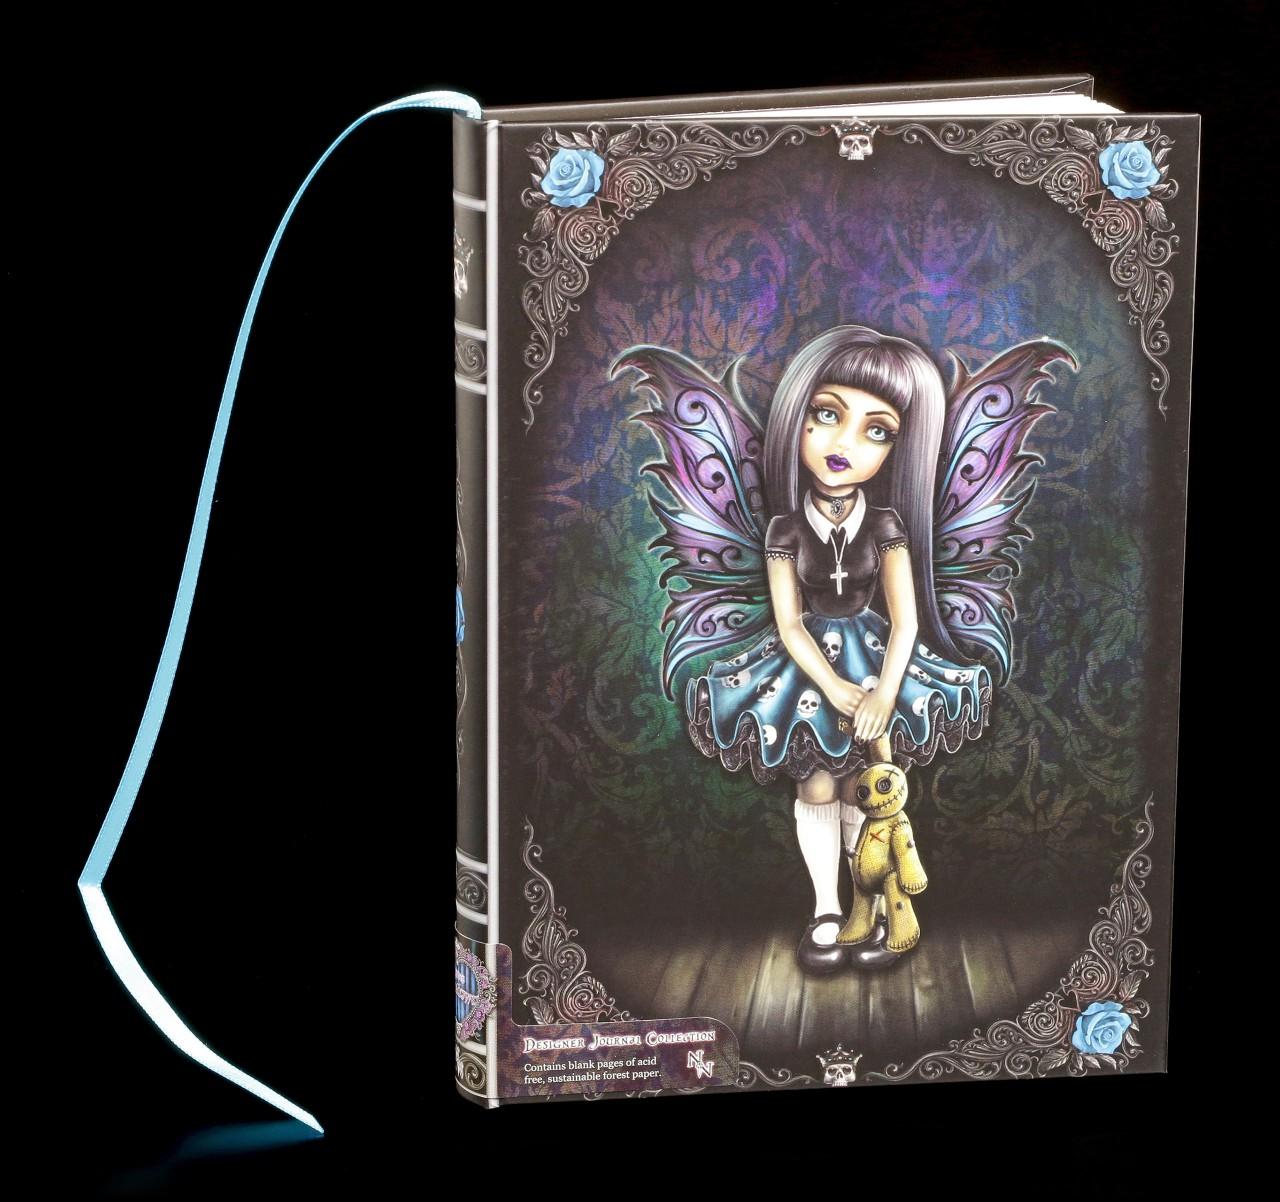 Notizbuch mit Gothic Elfe - Noire